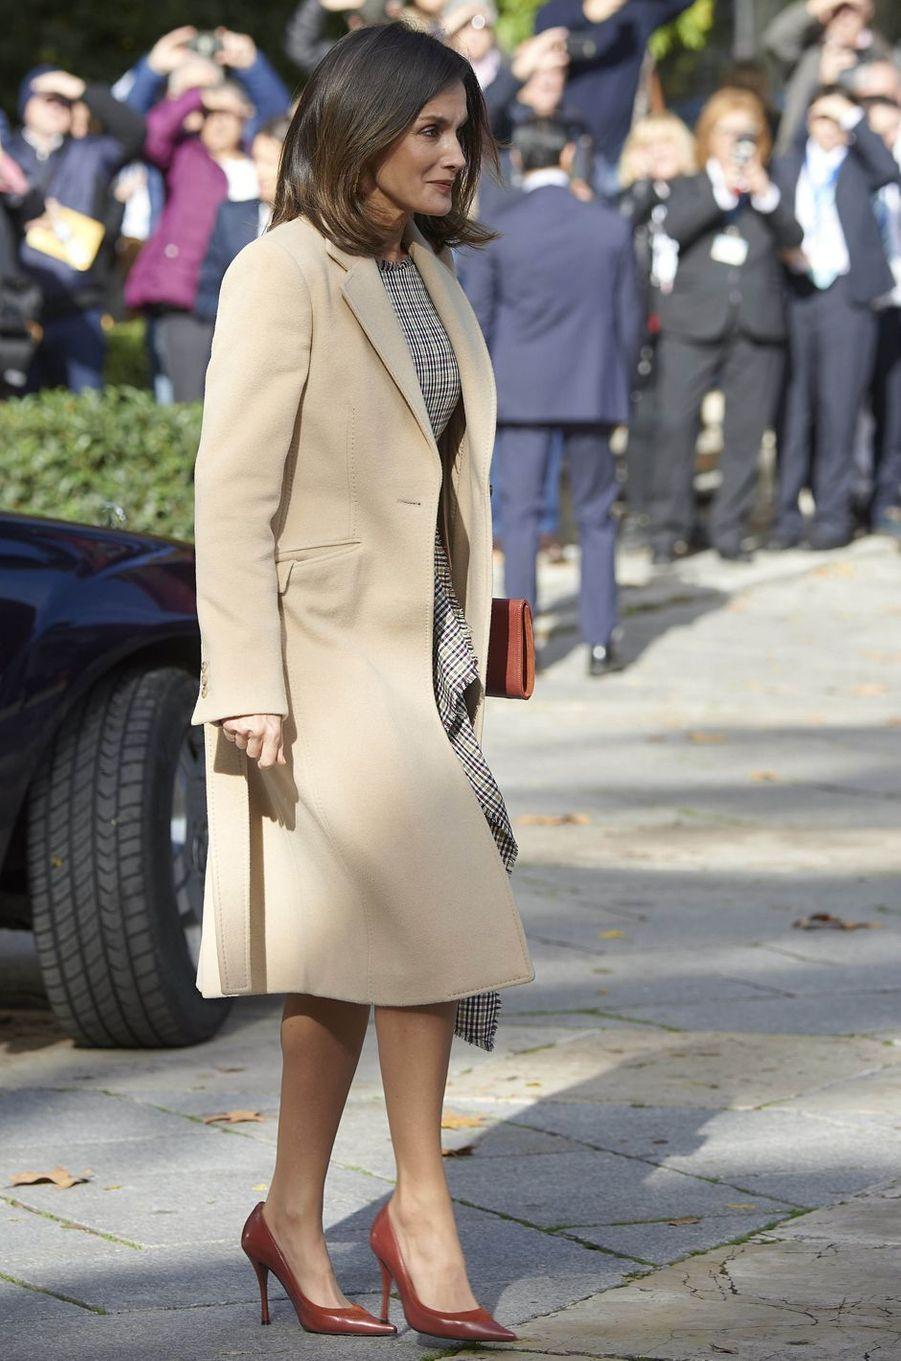 La reine Letizia d'Espagne à son arrivée au Musée du Prado à Madrid, le 19 novembre 2018